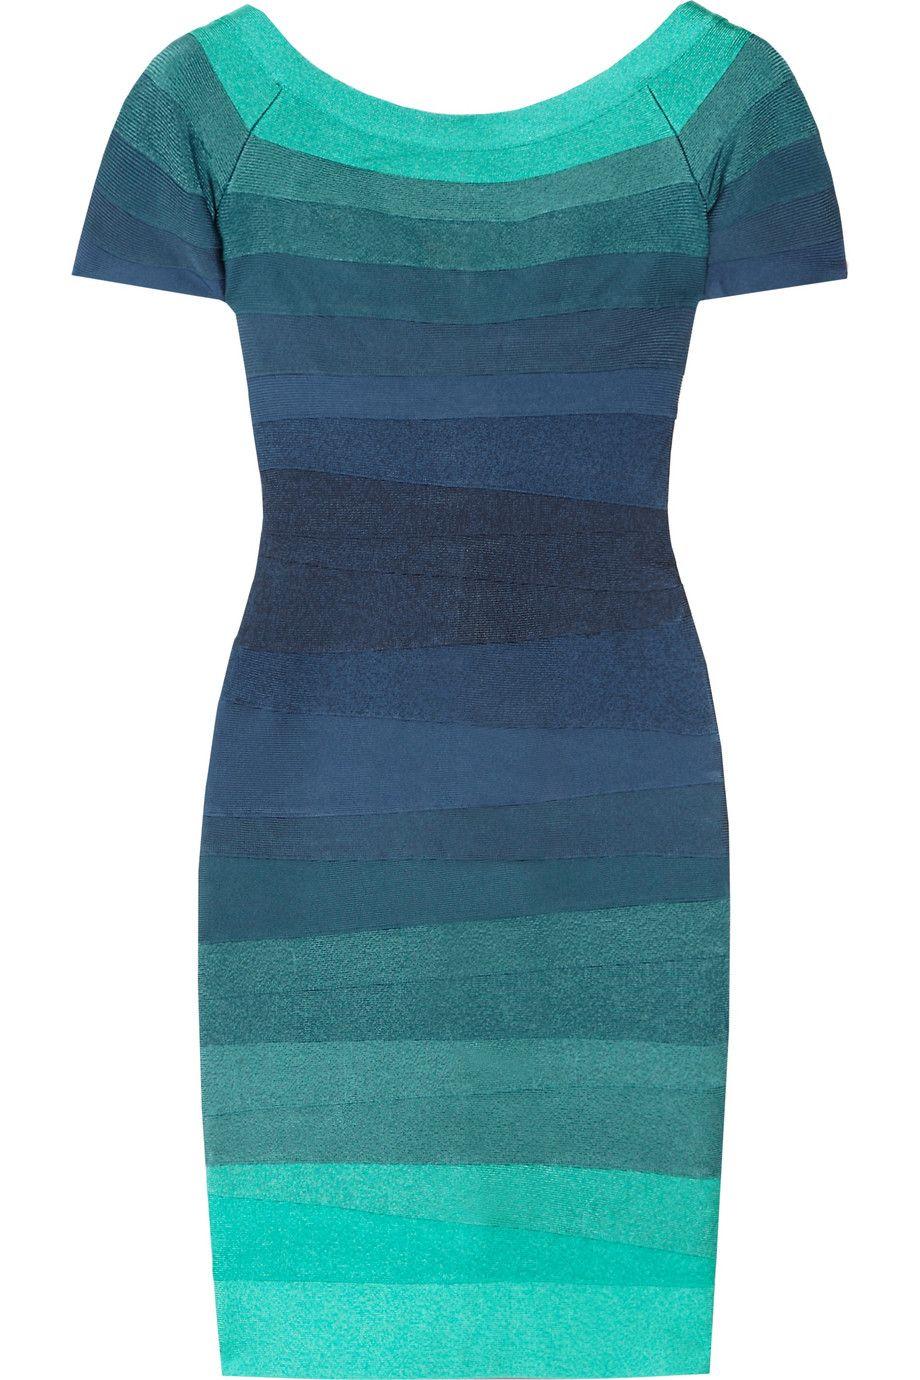 Muito lindo esse vestido com vários tons de azul.